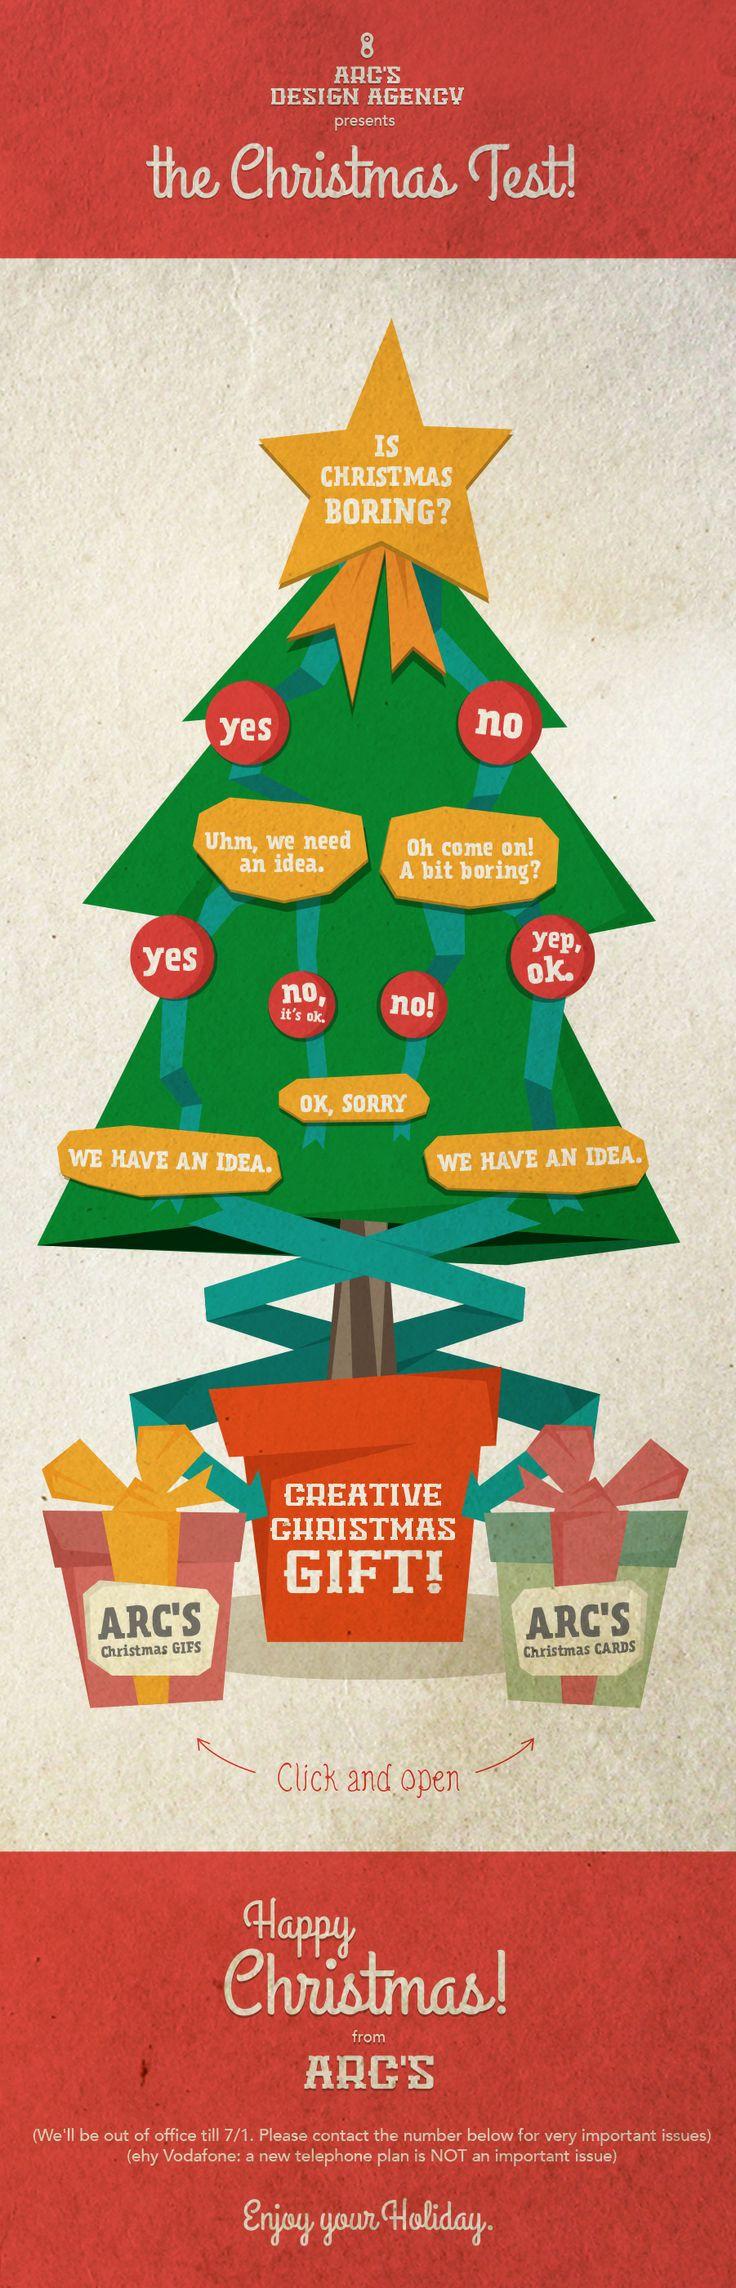 #Christmas #Newsletter #2013 #arcs #design